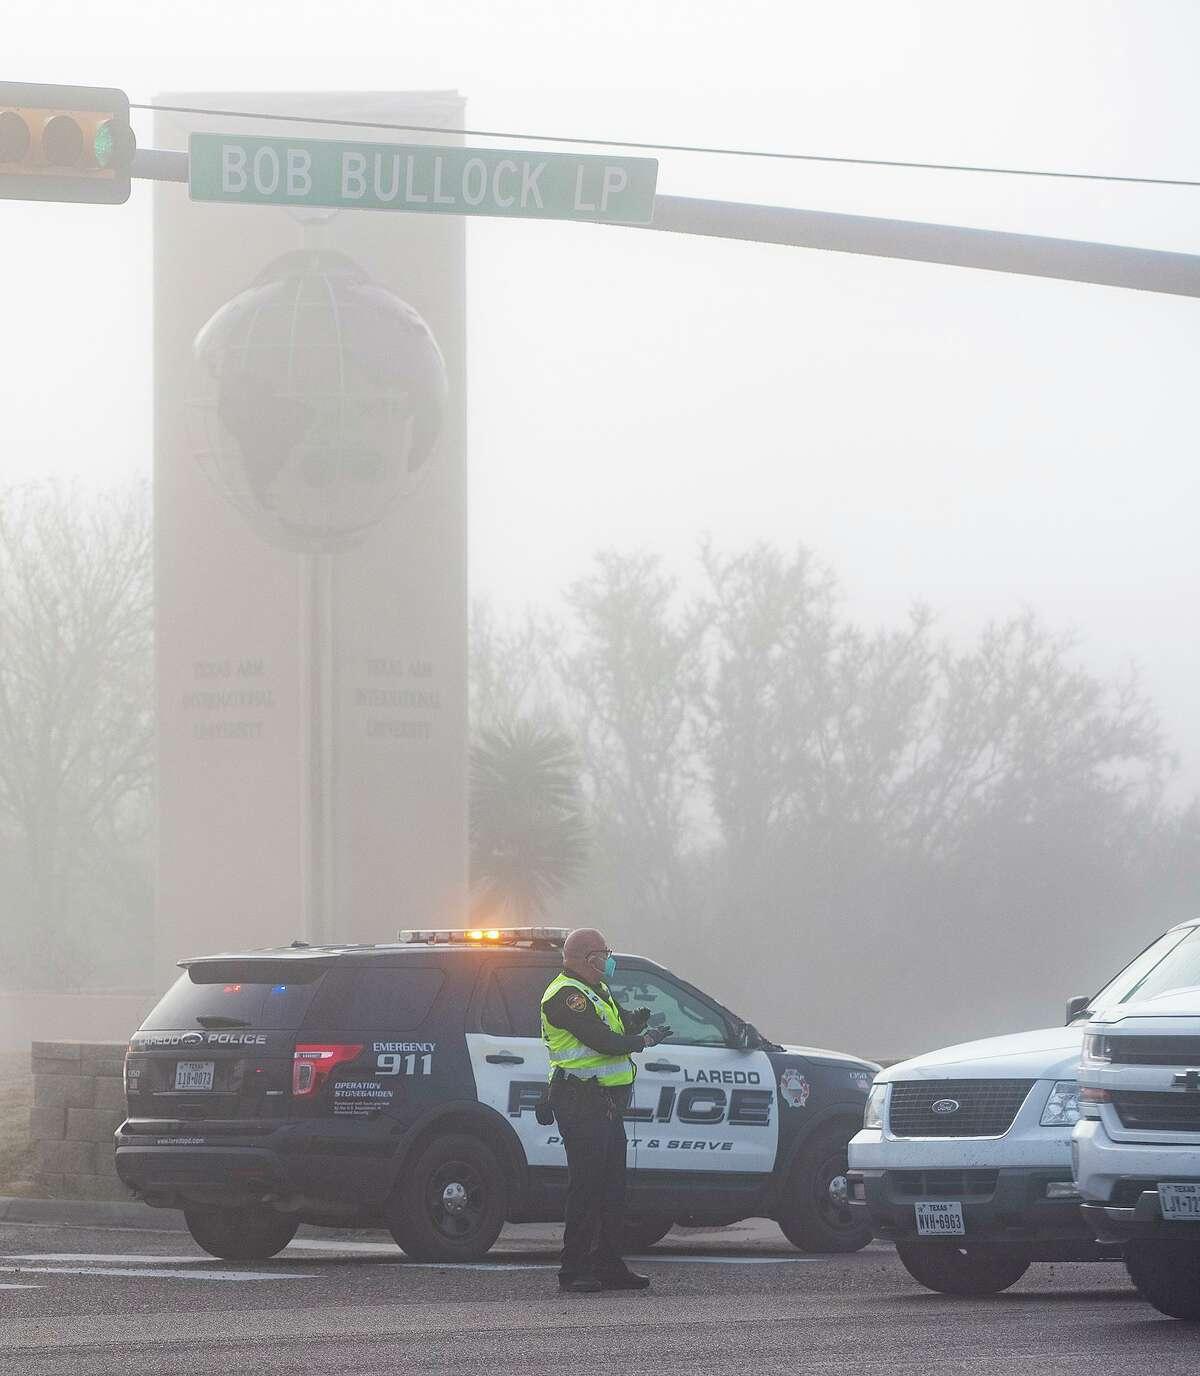 Oficiales de la policía de Laredo dirigen el tráfico en la entrada de TAMIU el lunes 4 de enero de 2021.